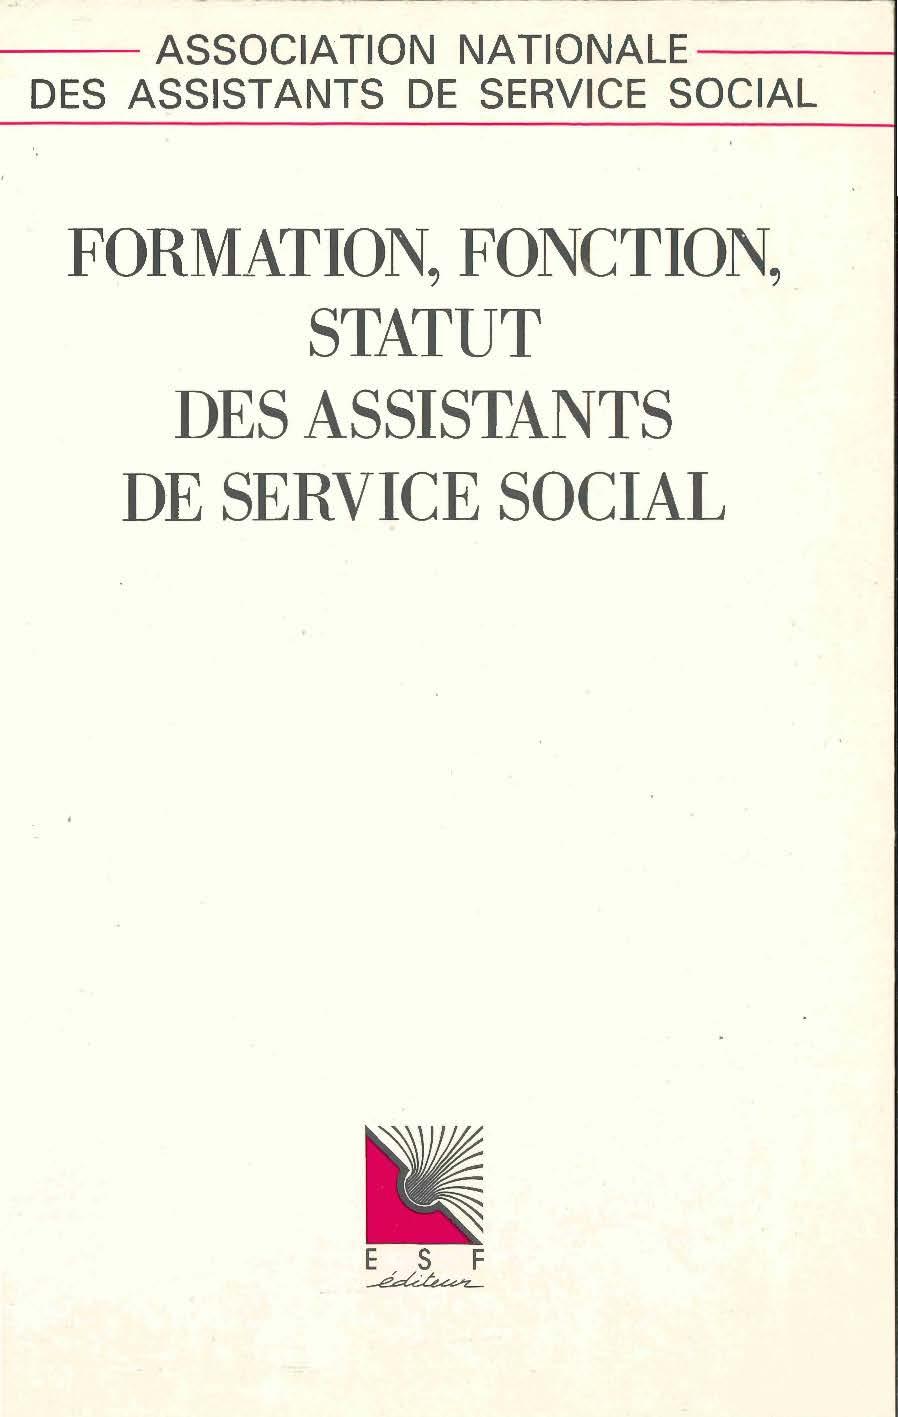 Formation, fonction, statut des assistants de service social - 1990